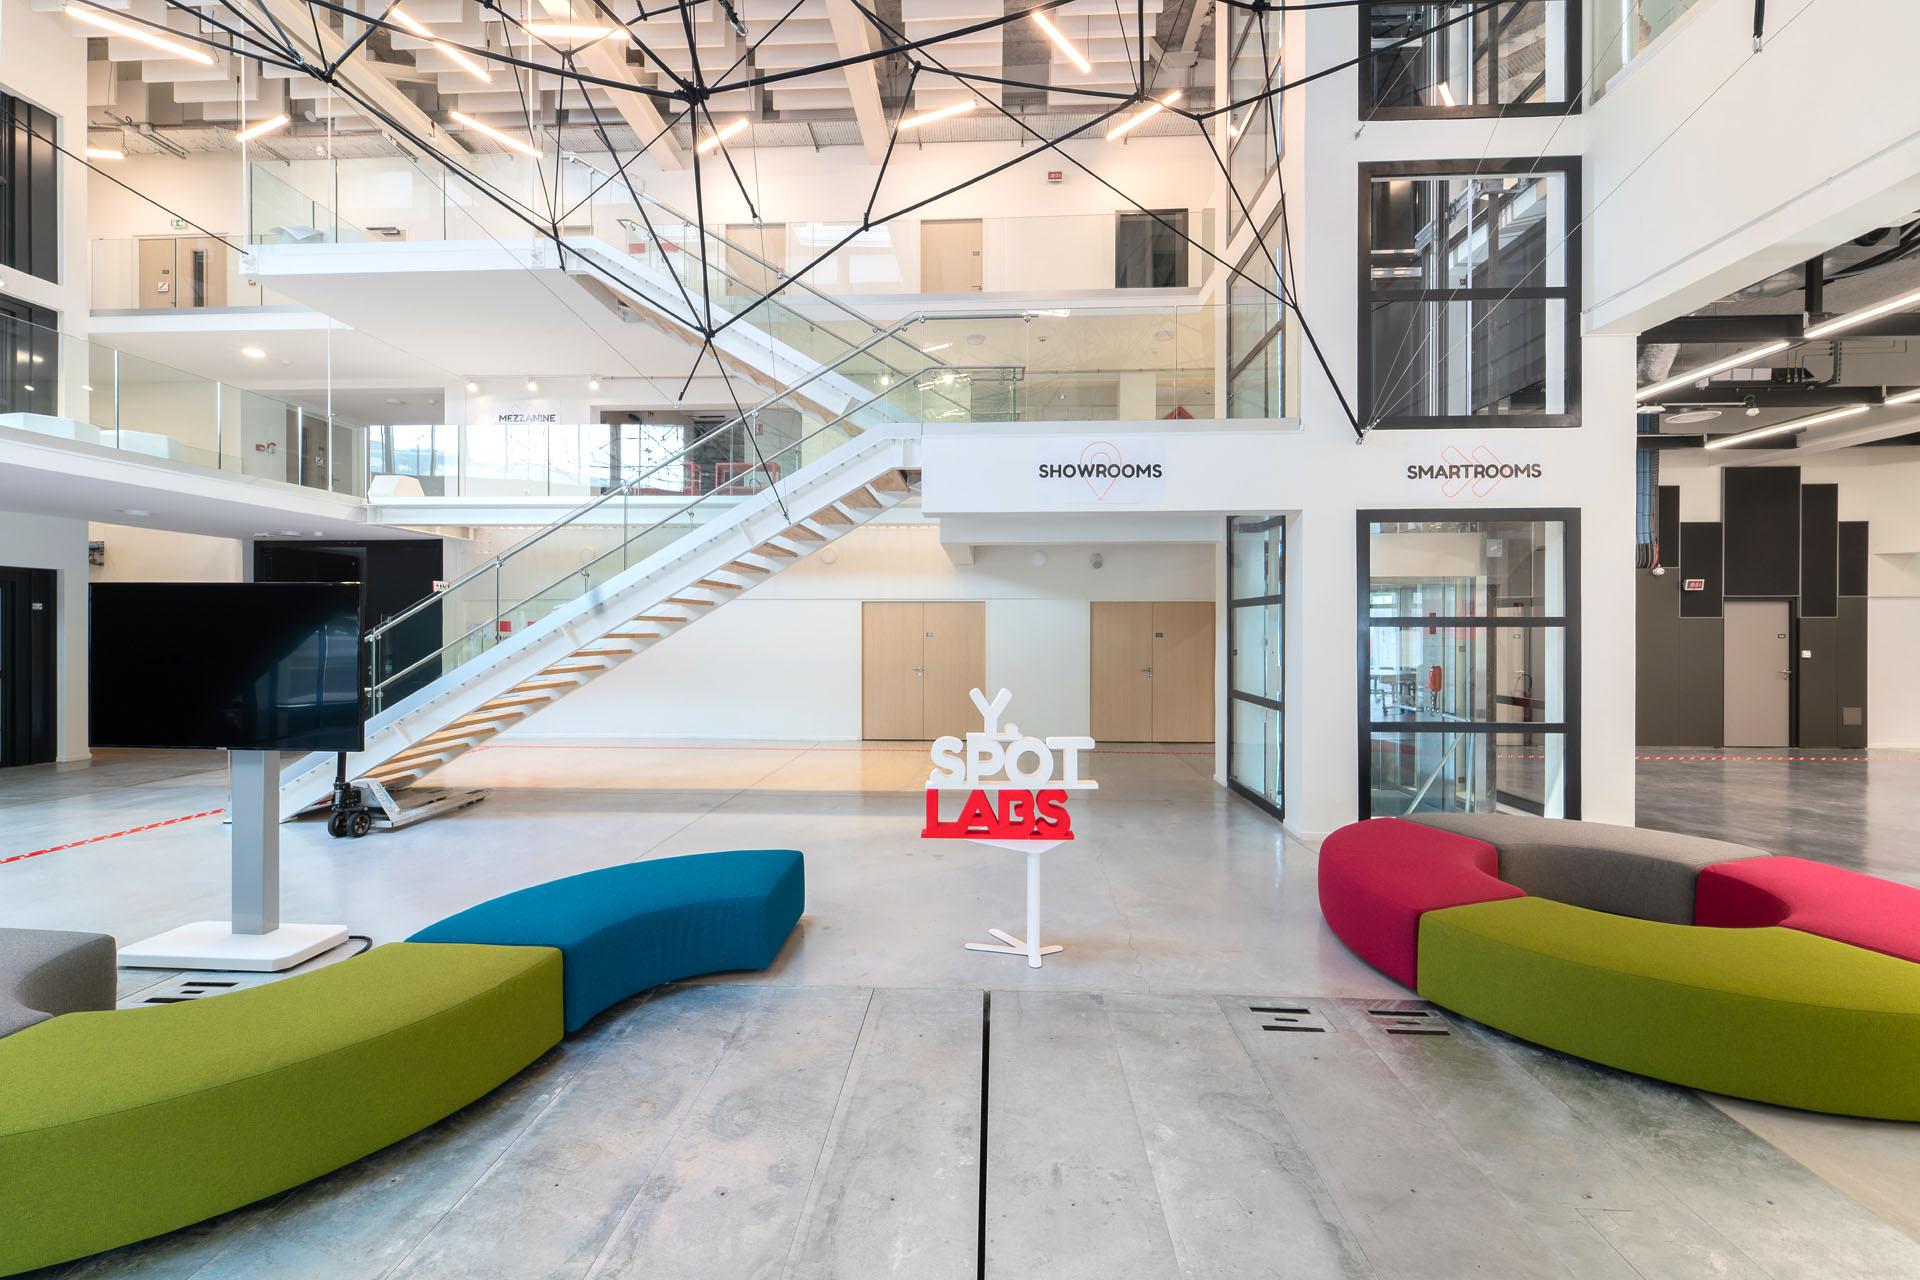 2 Y Spot Labs Accueil plateaux recherche